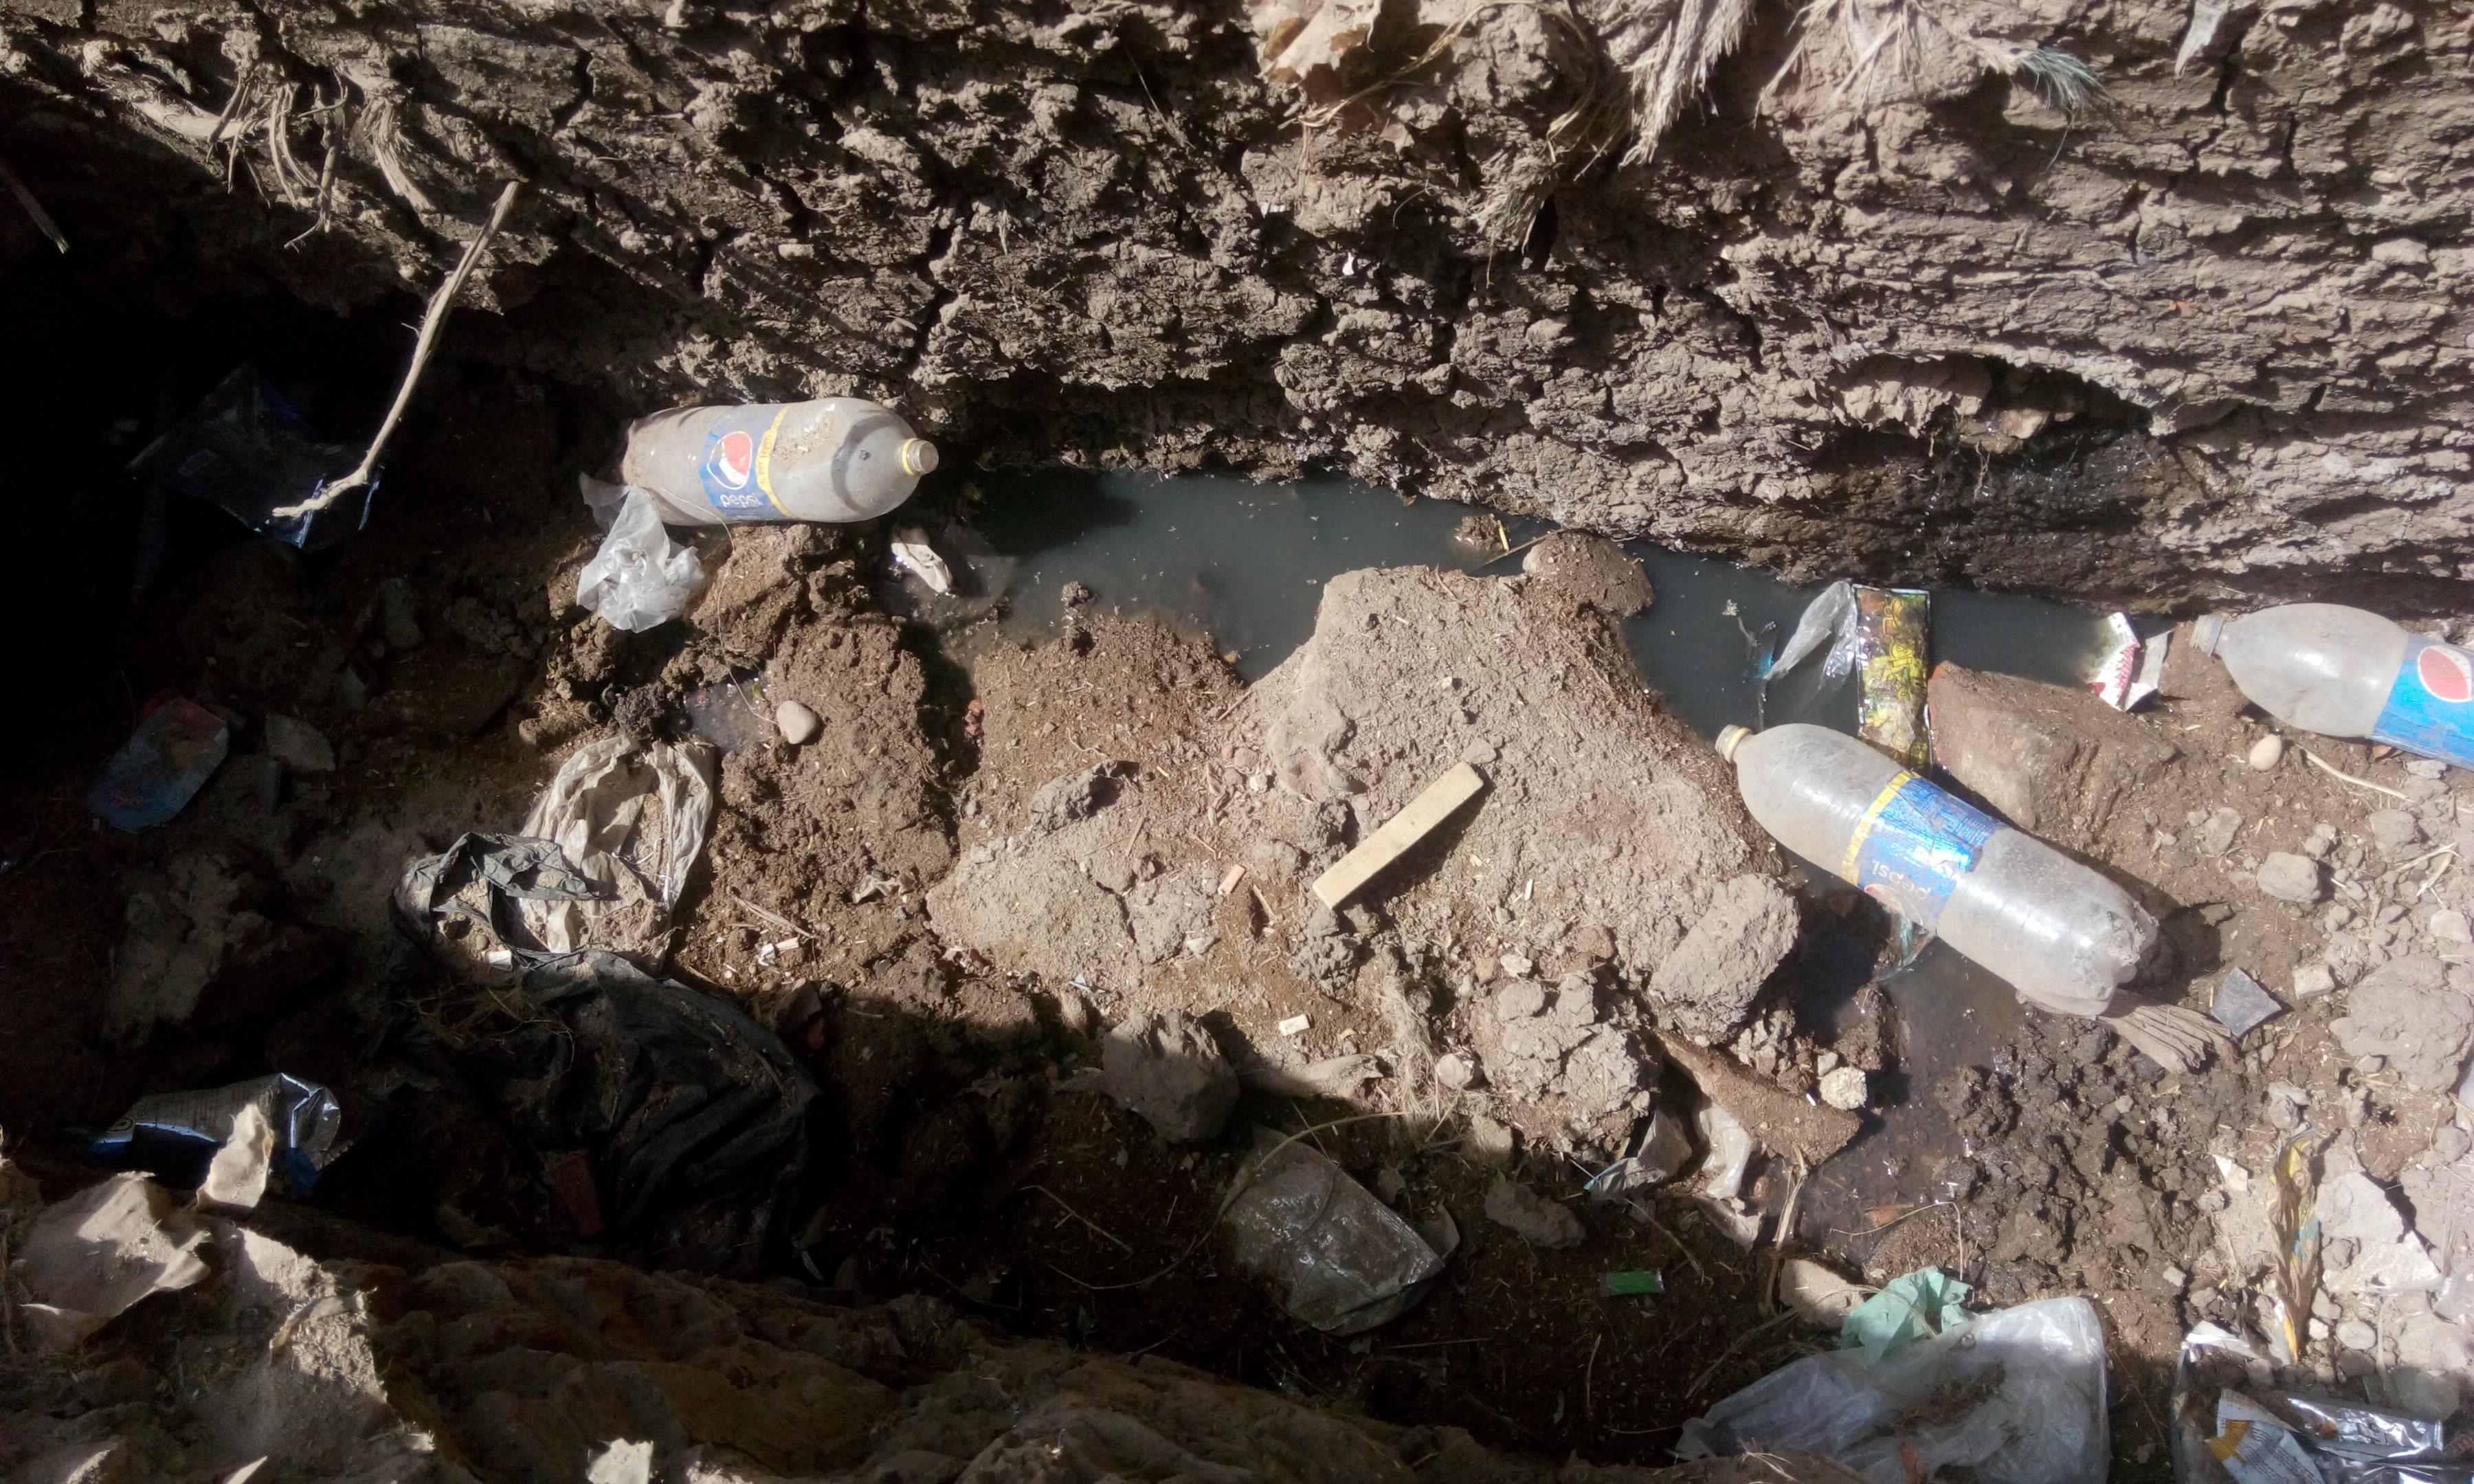 توقف العمل فى مشروع الصرف الصحى بقرية شبراملس فى الغربية (1)